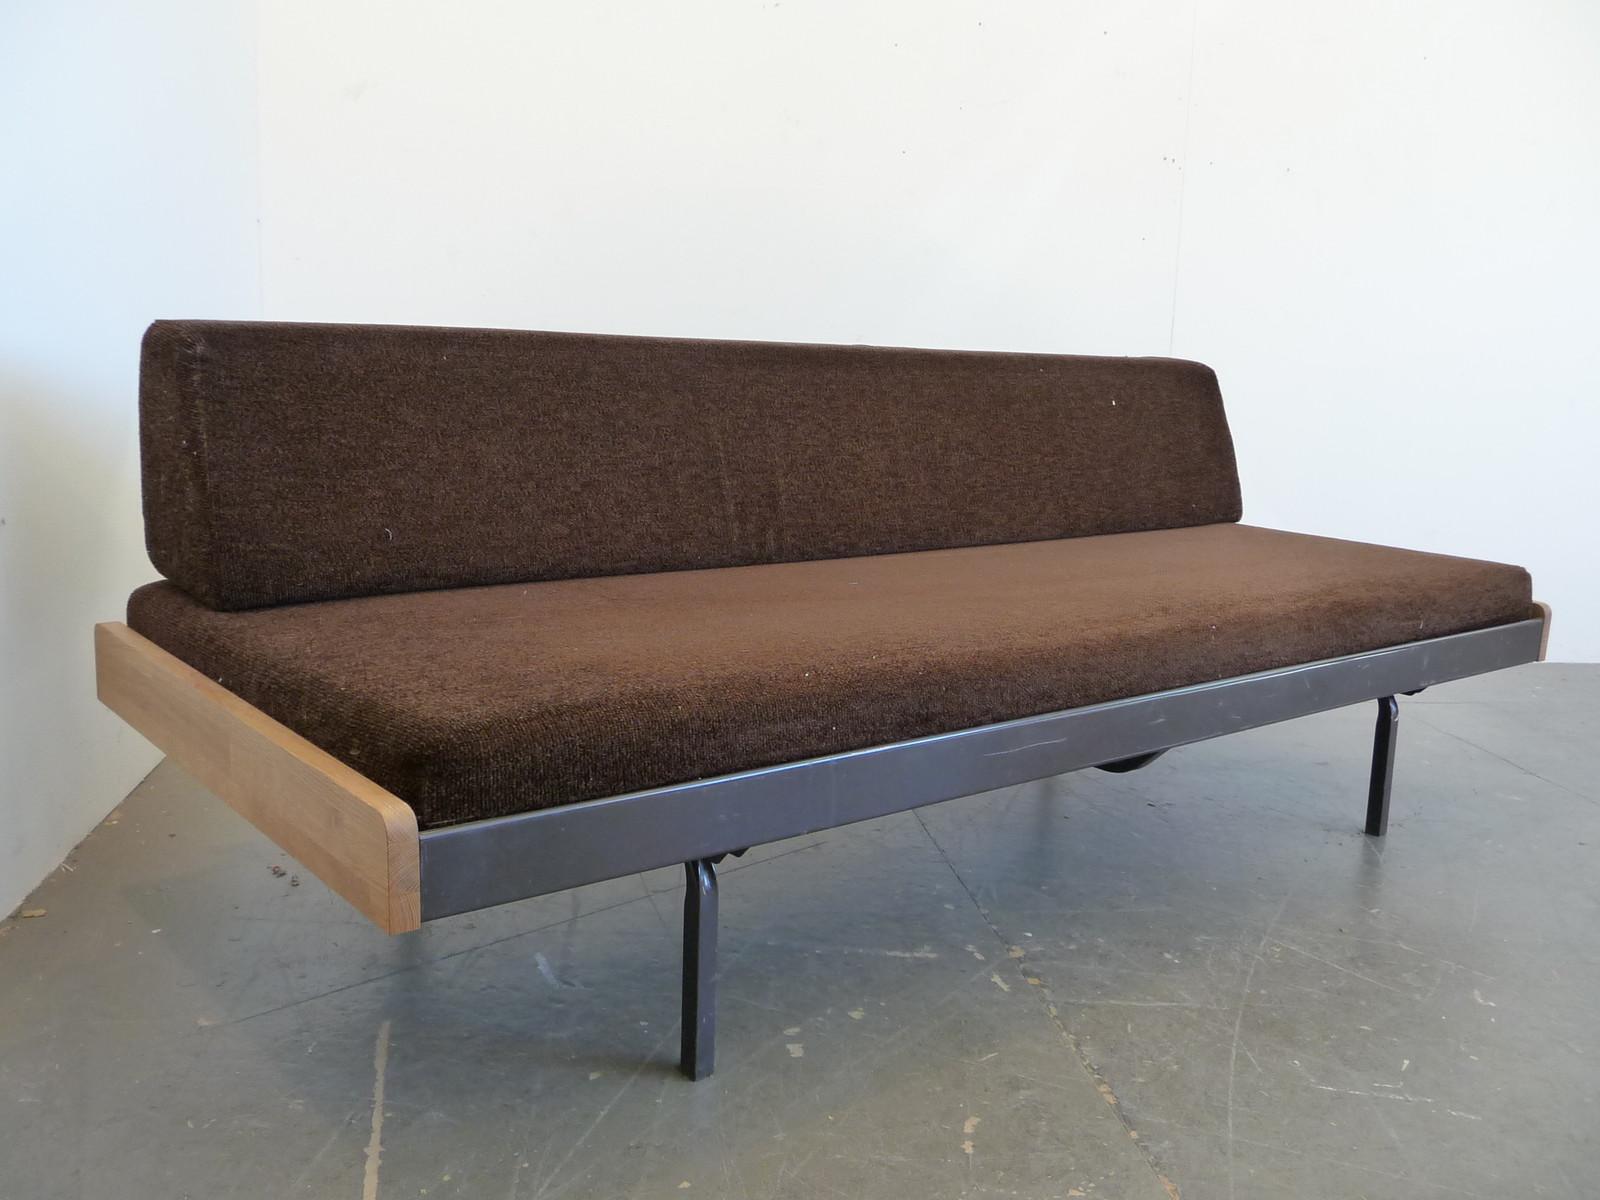 Design Möbel Klassiker möbelklassiker designer sofas vintage klassiker occasion gebraucht